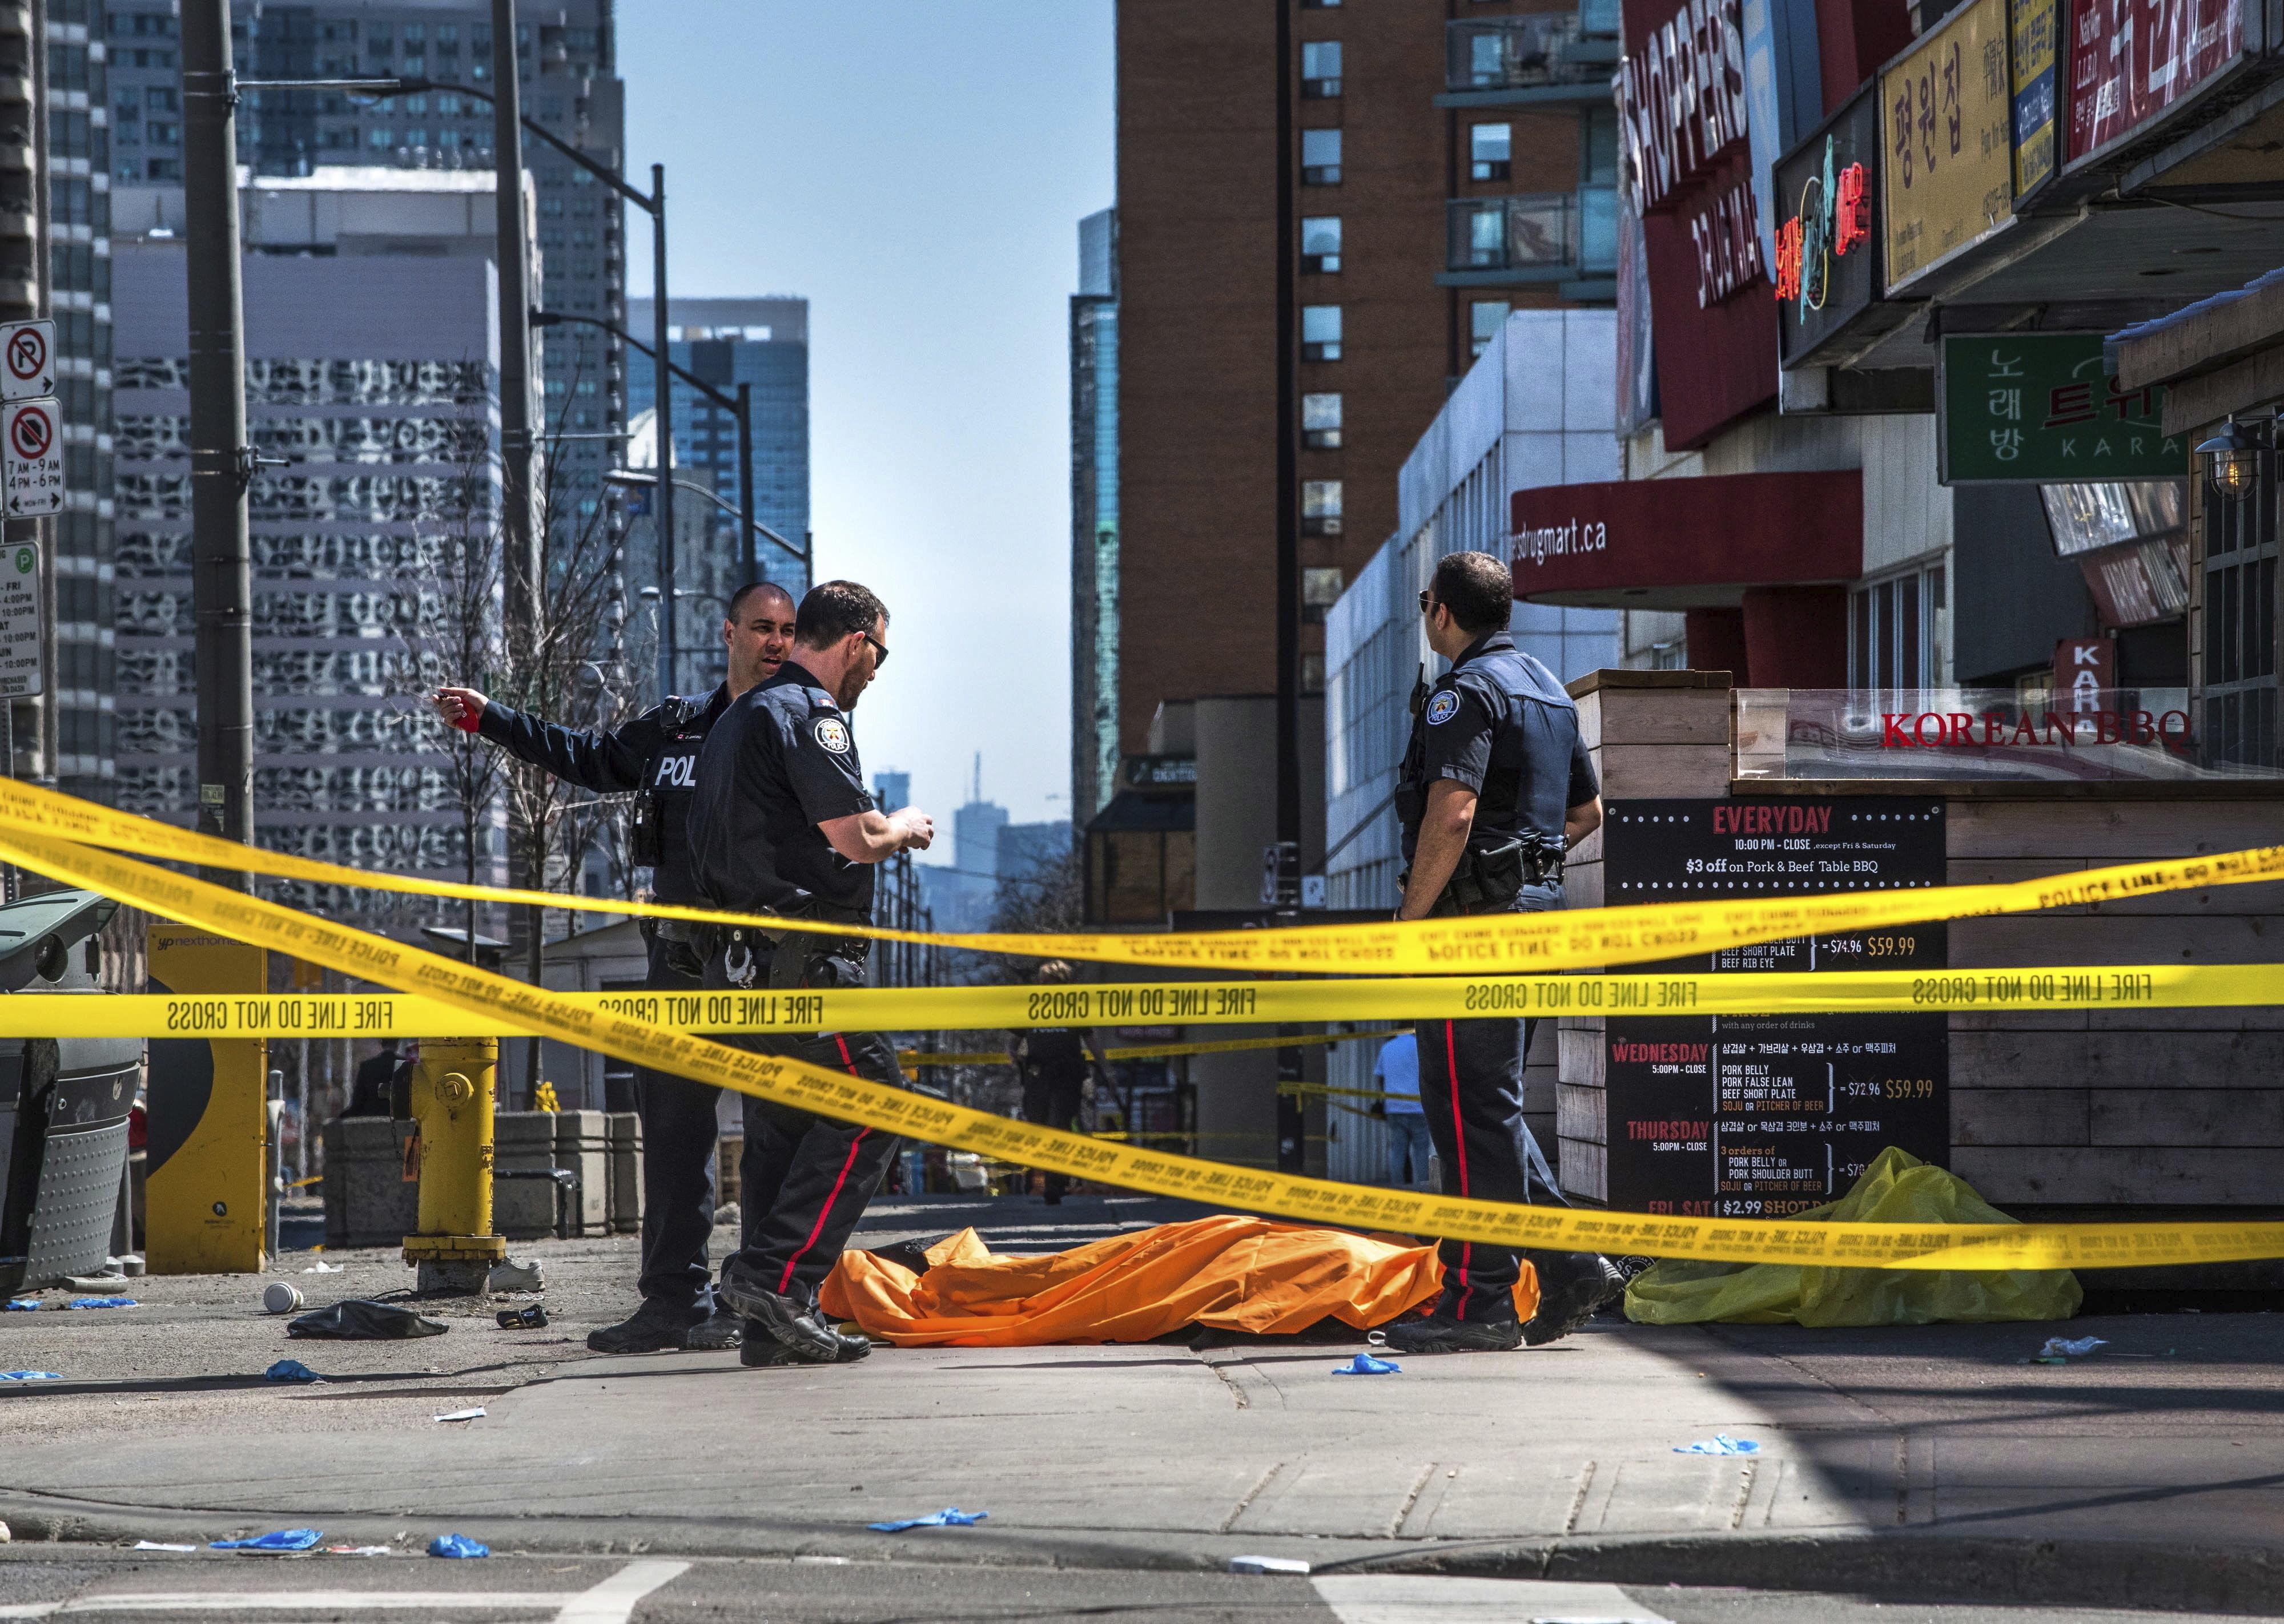 Medienberichte: Toronto-Attentäter schrieb verstörenden